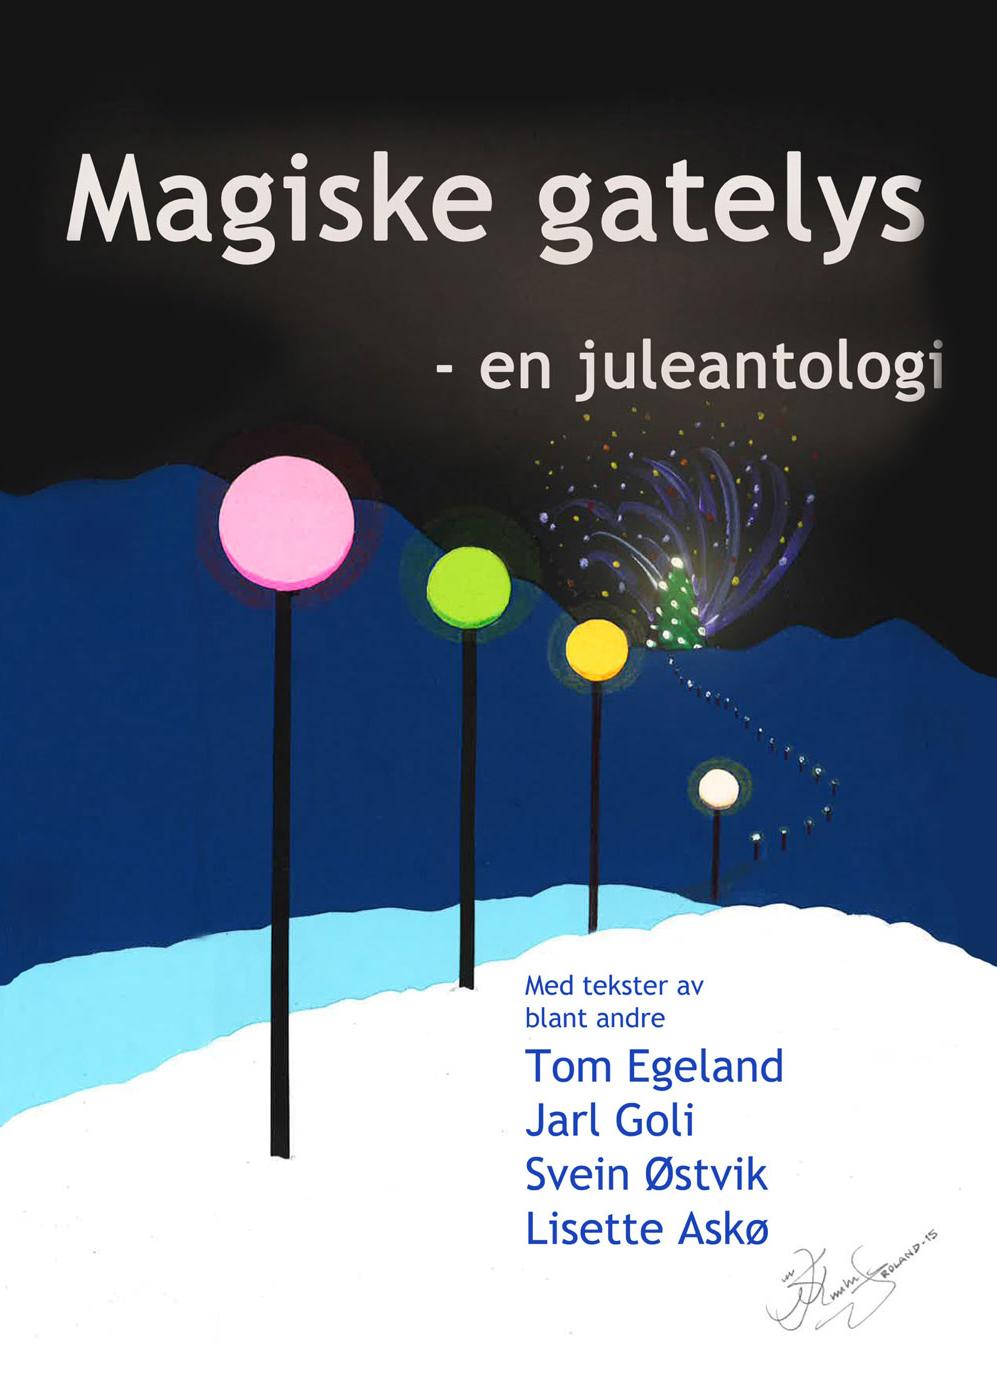 Magiske gatelys antologi 2015.jpg